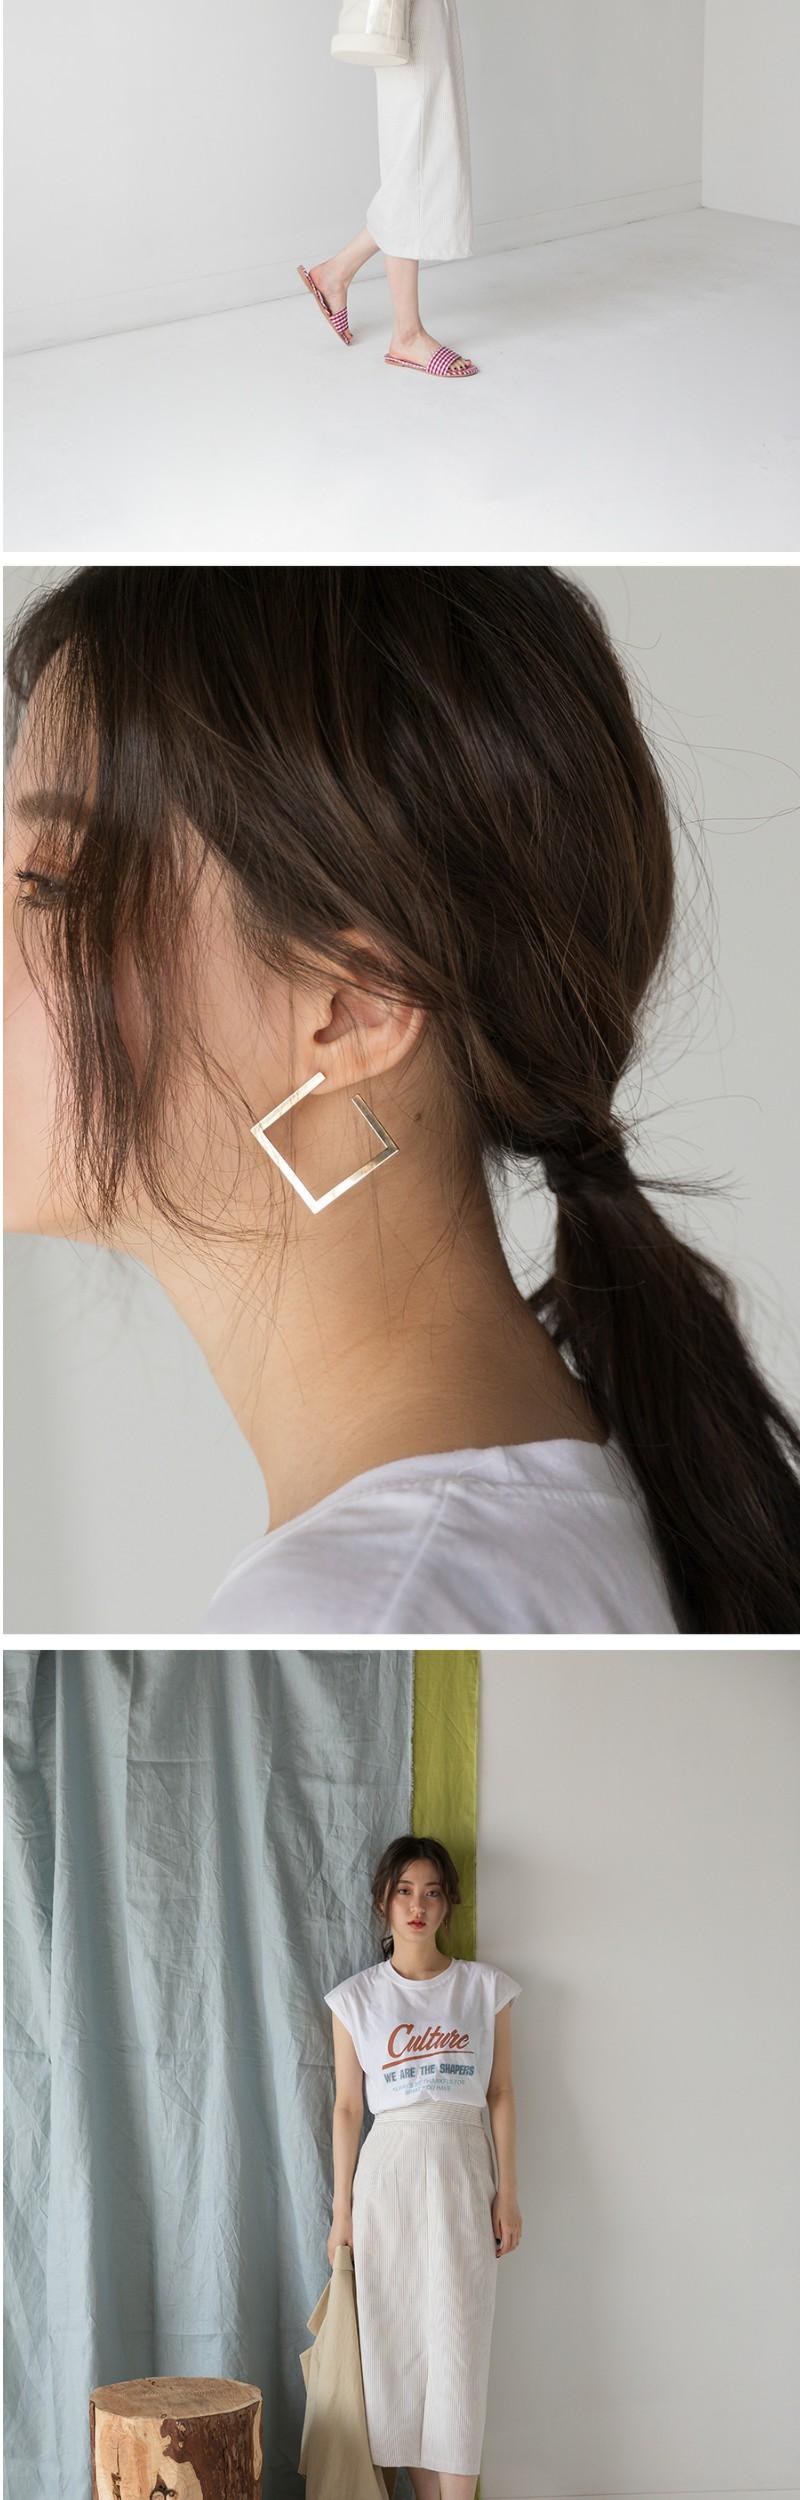 feminin mood square earring